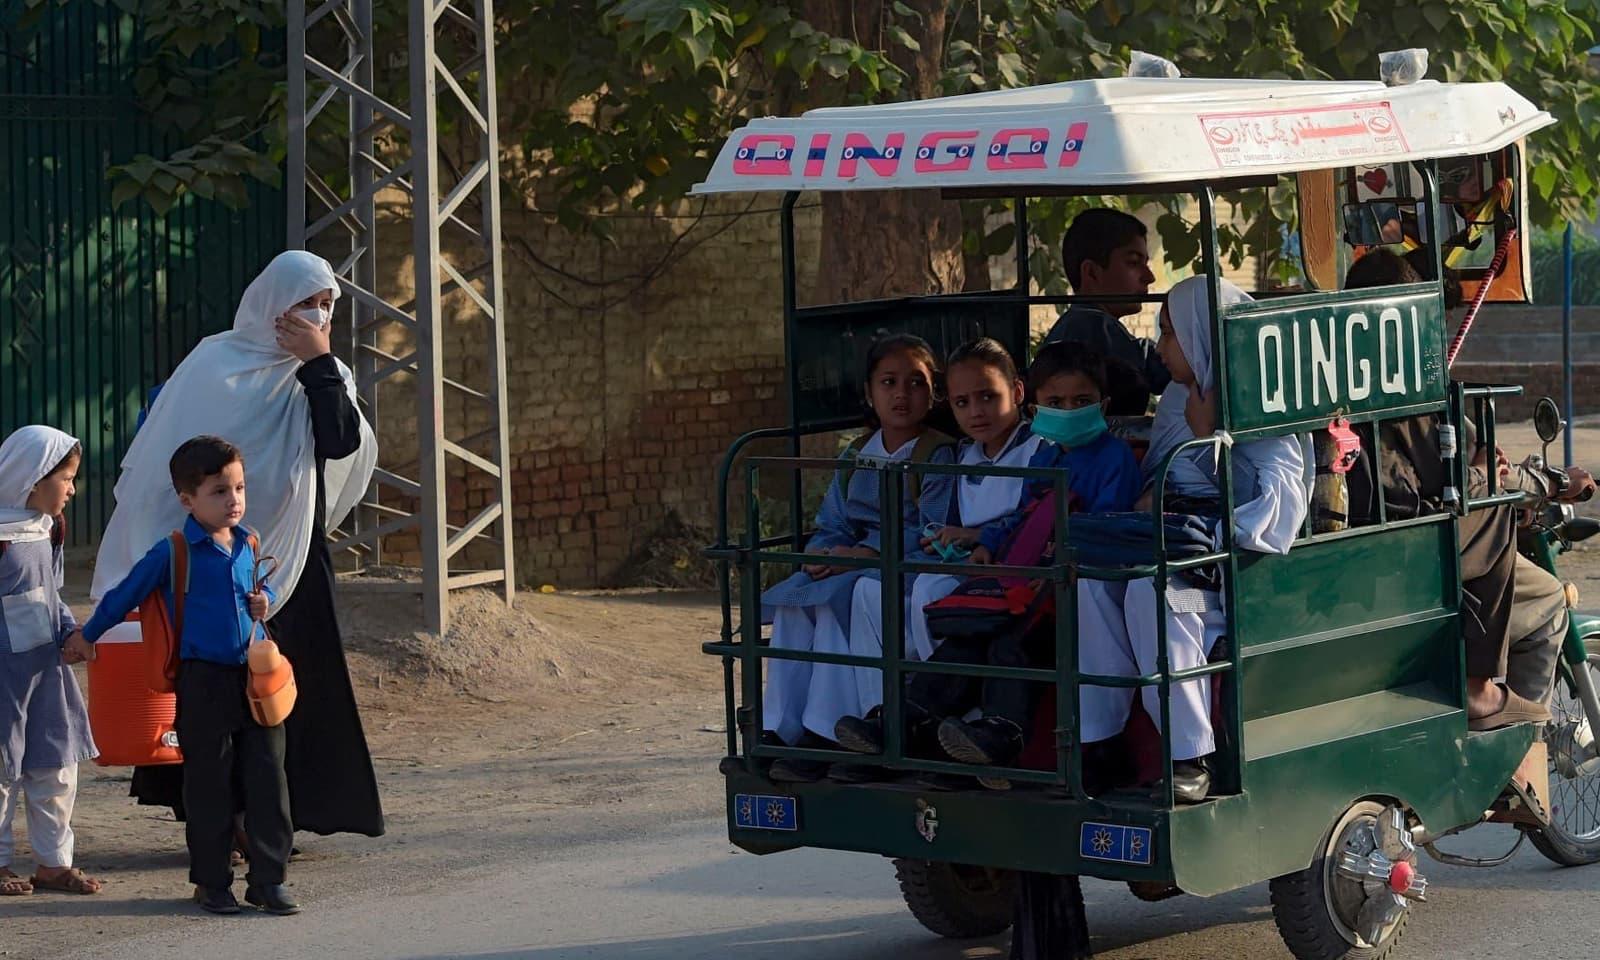 پشاور میں چھوٹے بچوں کو بھی اسکول جاتے ہوئے دیکھا گیا — فوٹو: اے ایف پی